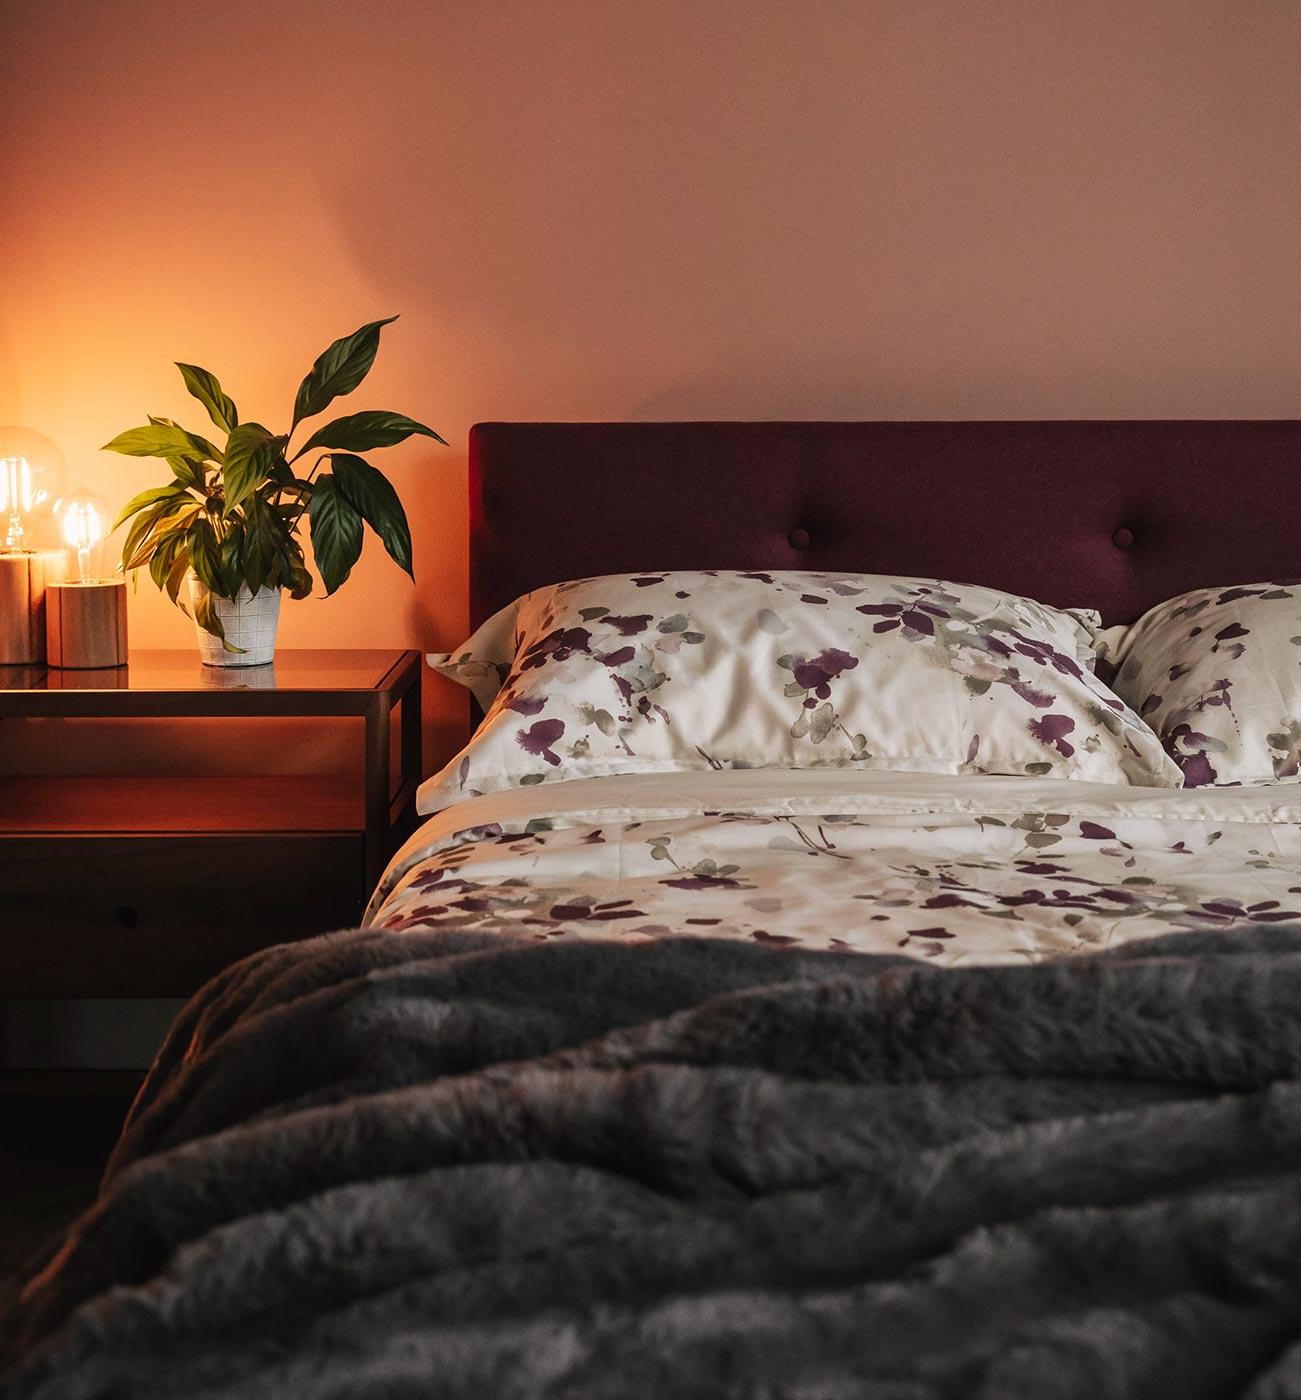 mauve-floral-print-bedding